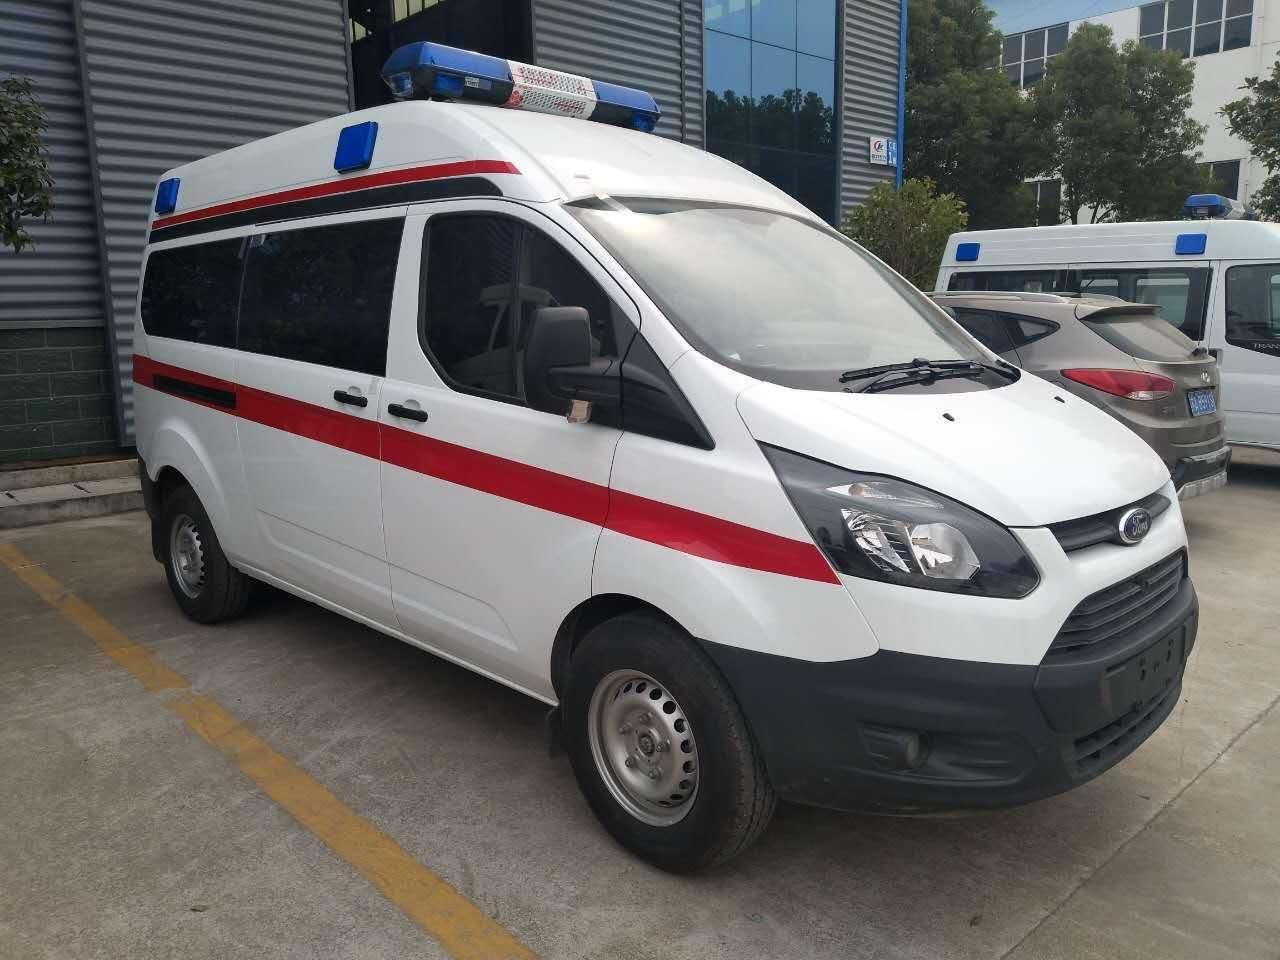 成都)长途救护车出租价格详情